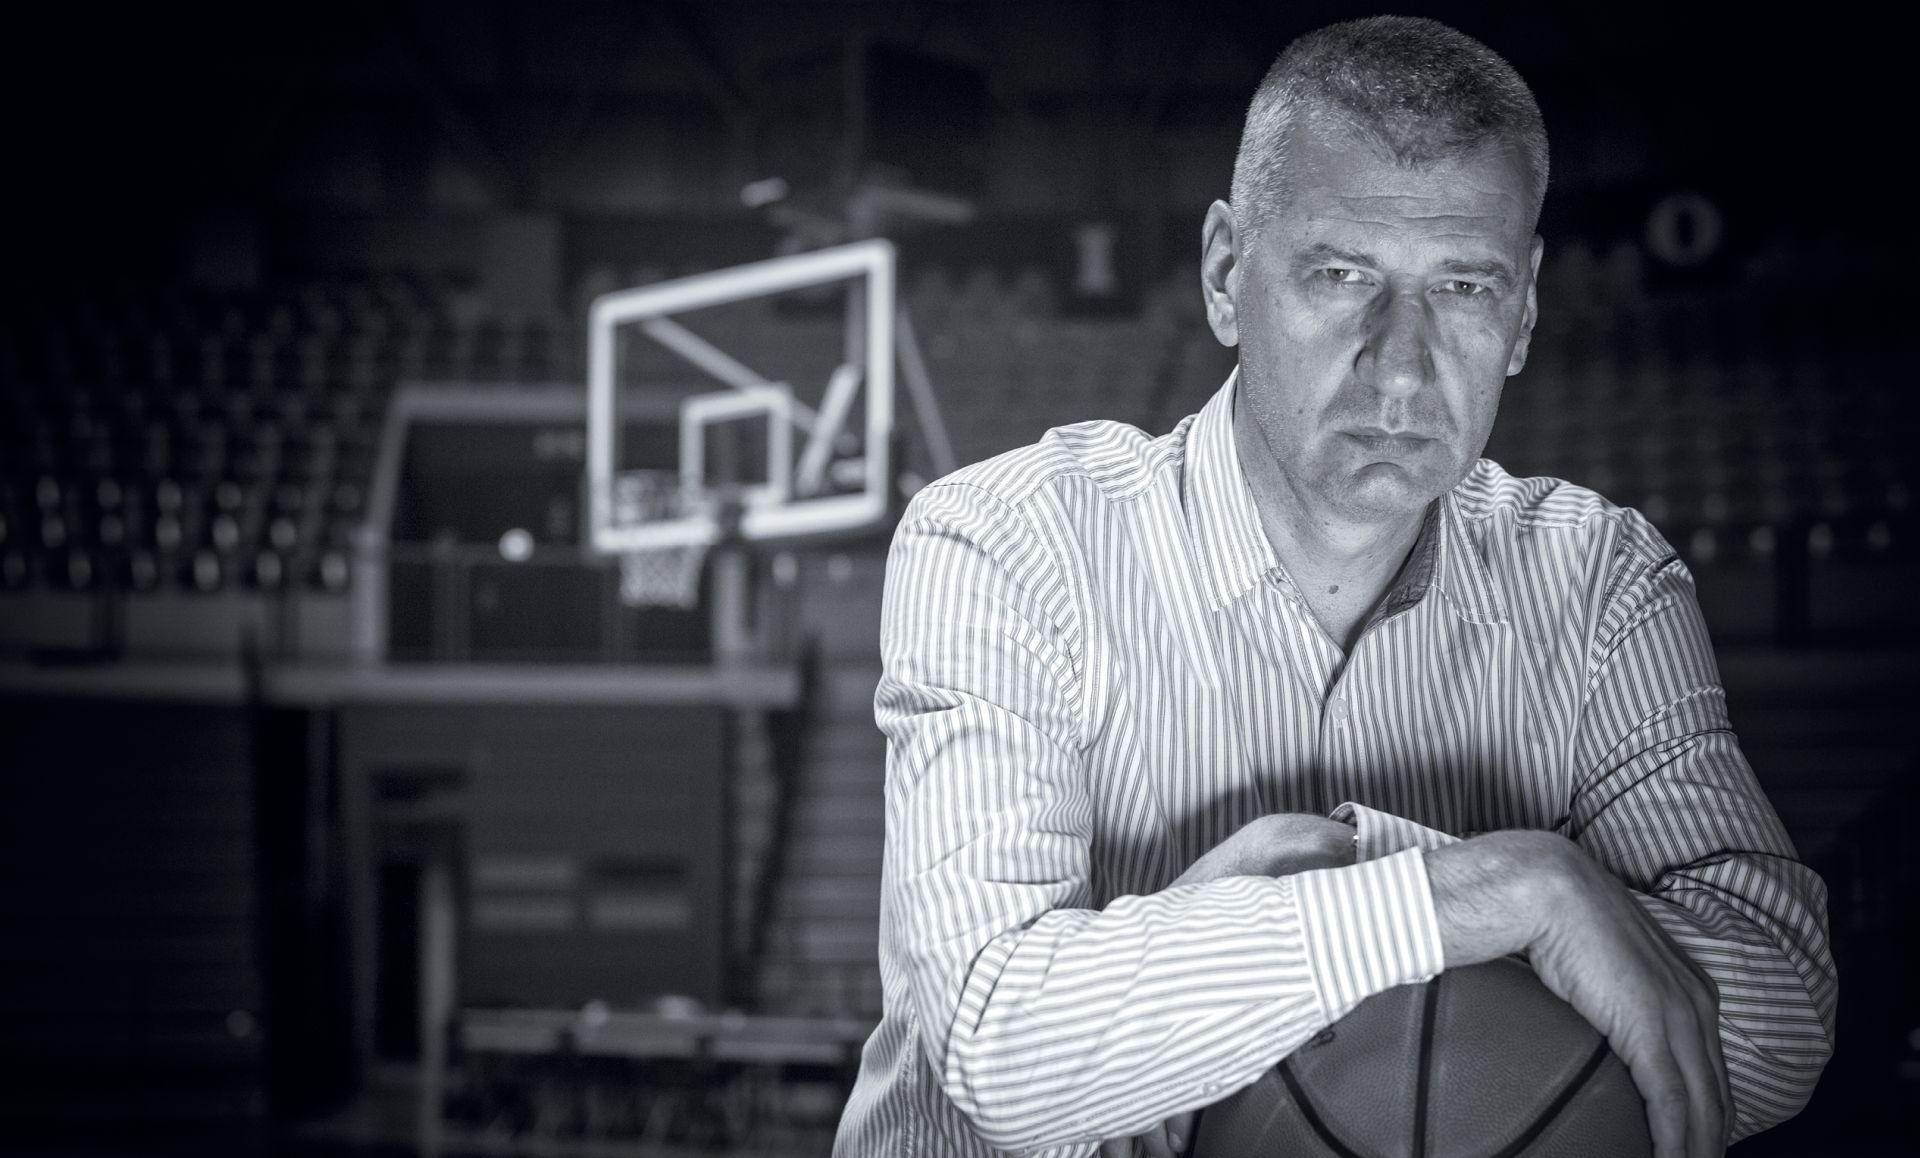 INTERVIEW: ACO PETROVIĆ 'Spahija se naljutio što nije bio prvi kandidat za izbornika, ali trebao se odljutiti'